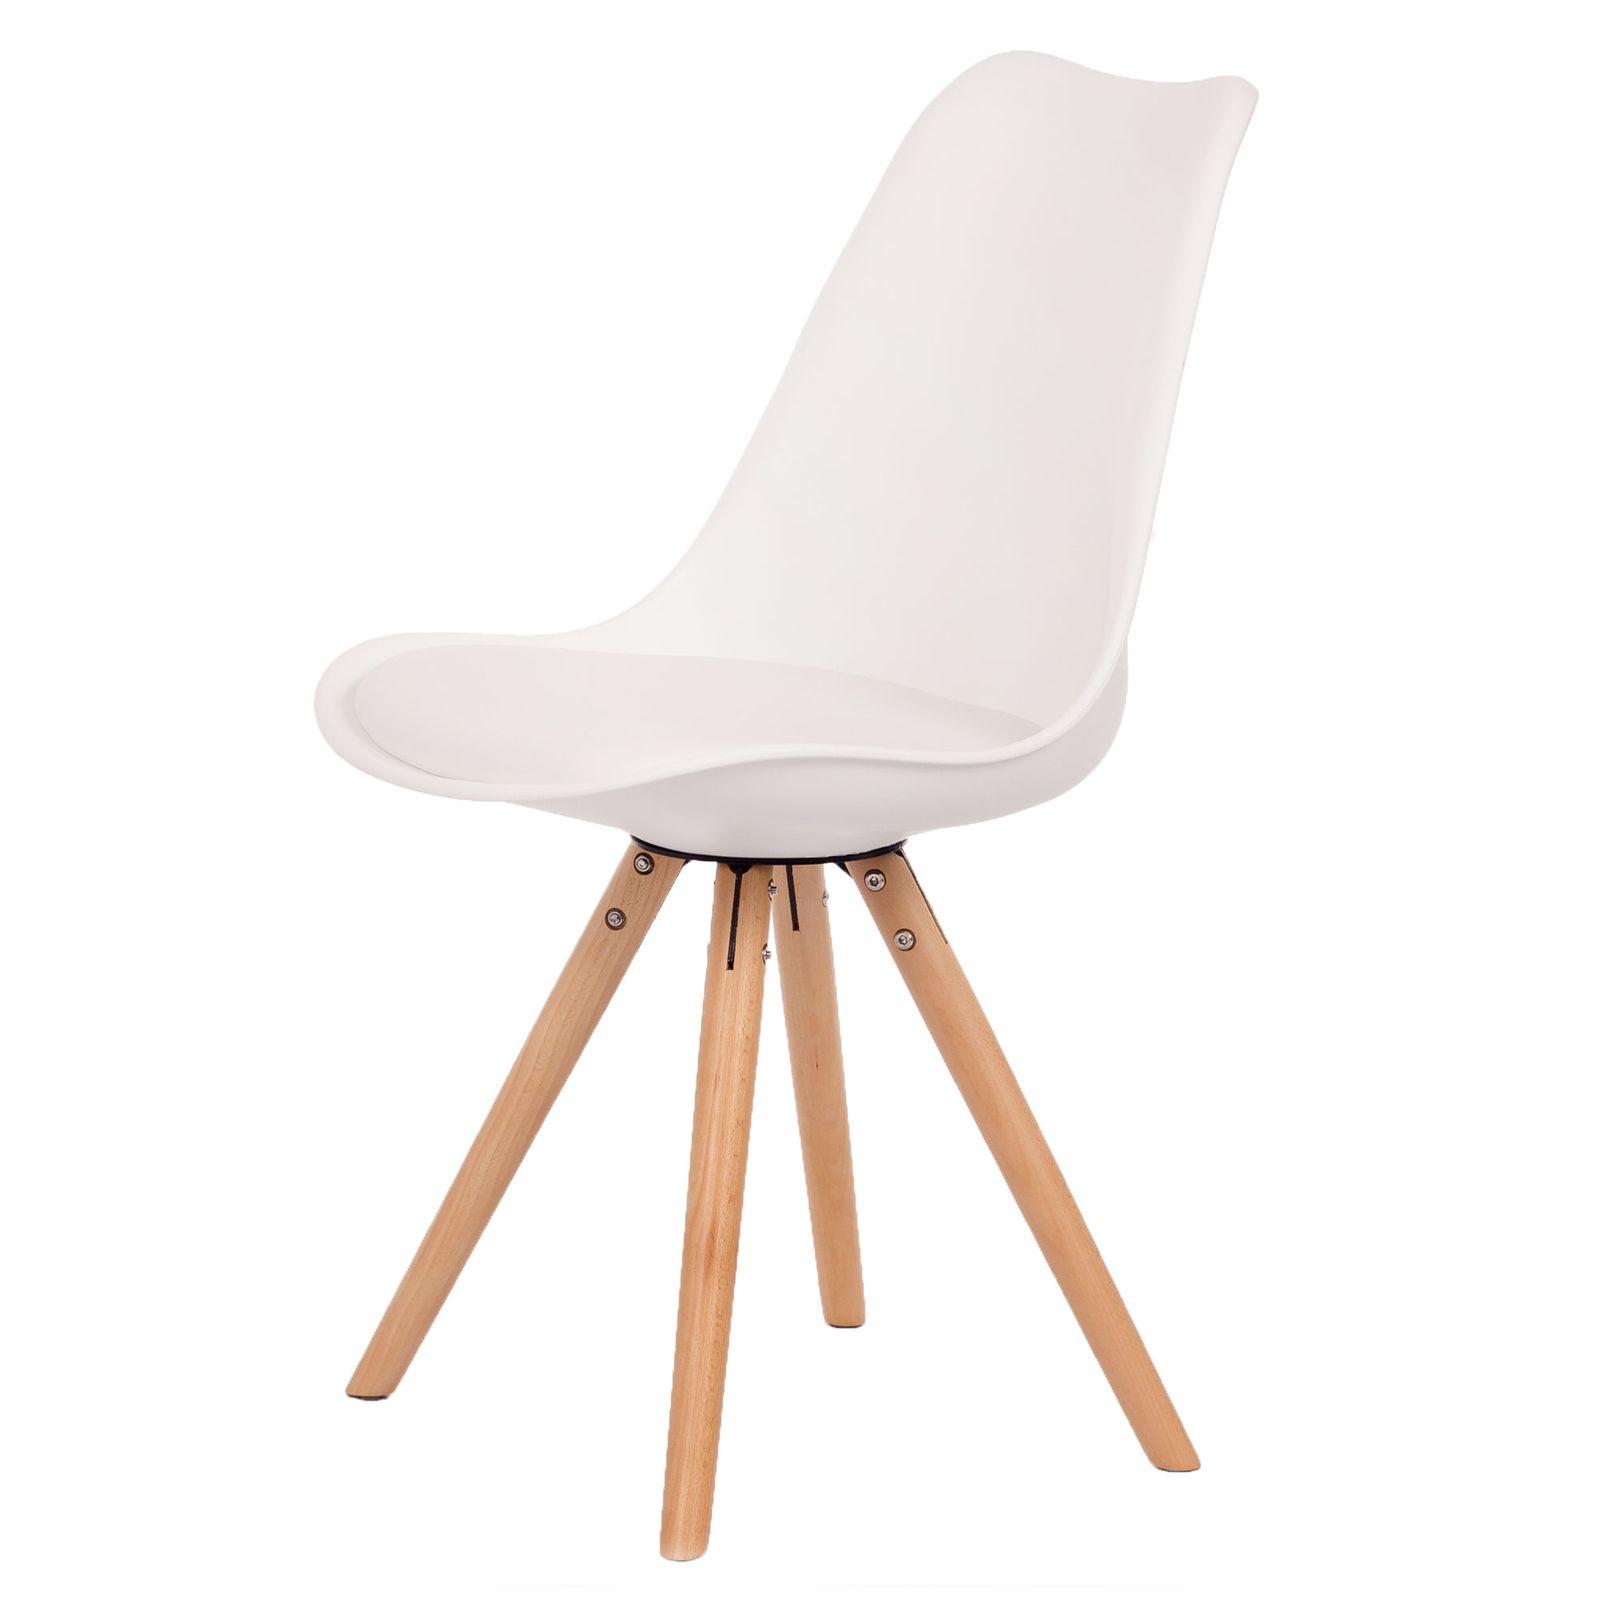 Sedia design sedia d ufficio mobili retro da pranzo for Sedia design pranzo